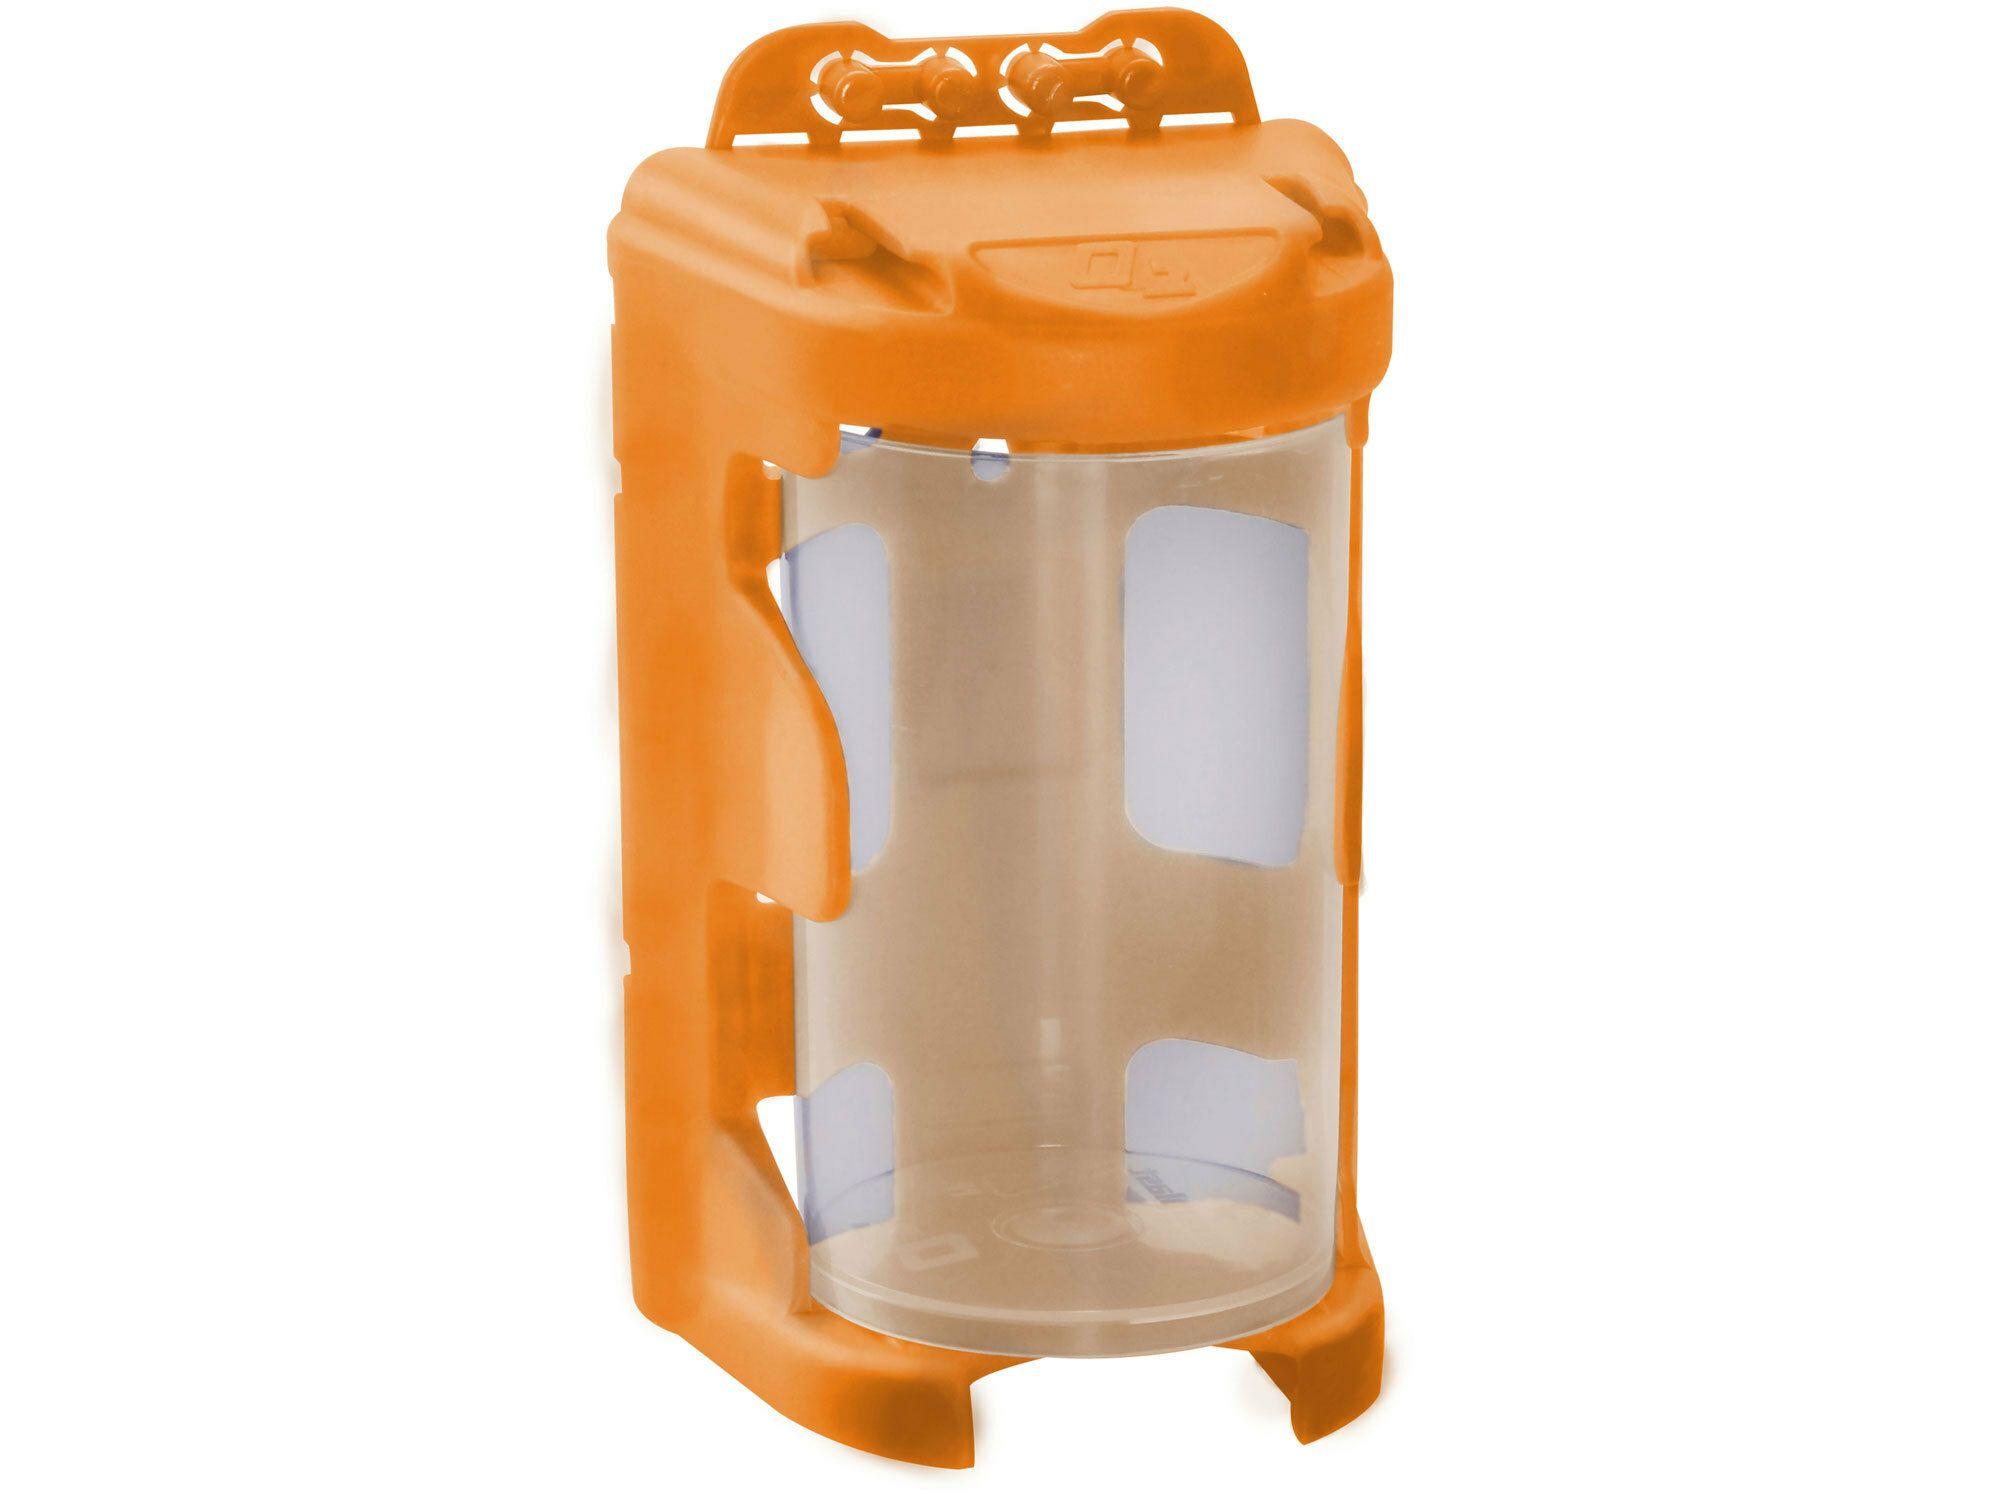 Organizér modulový závěsný - oranžový, 210ml (60 x 92mm), PP EXTOL-CRAFT